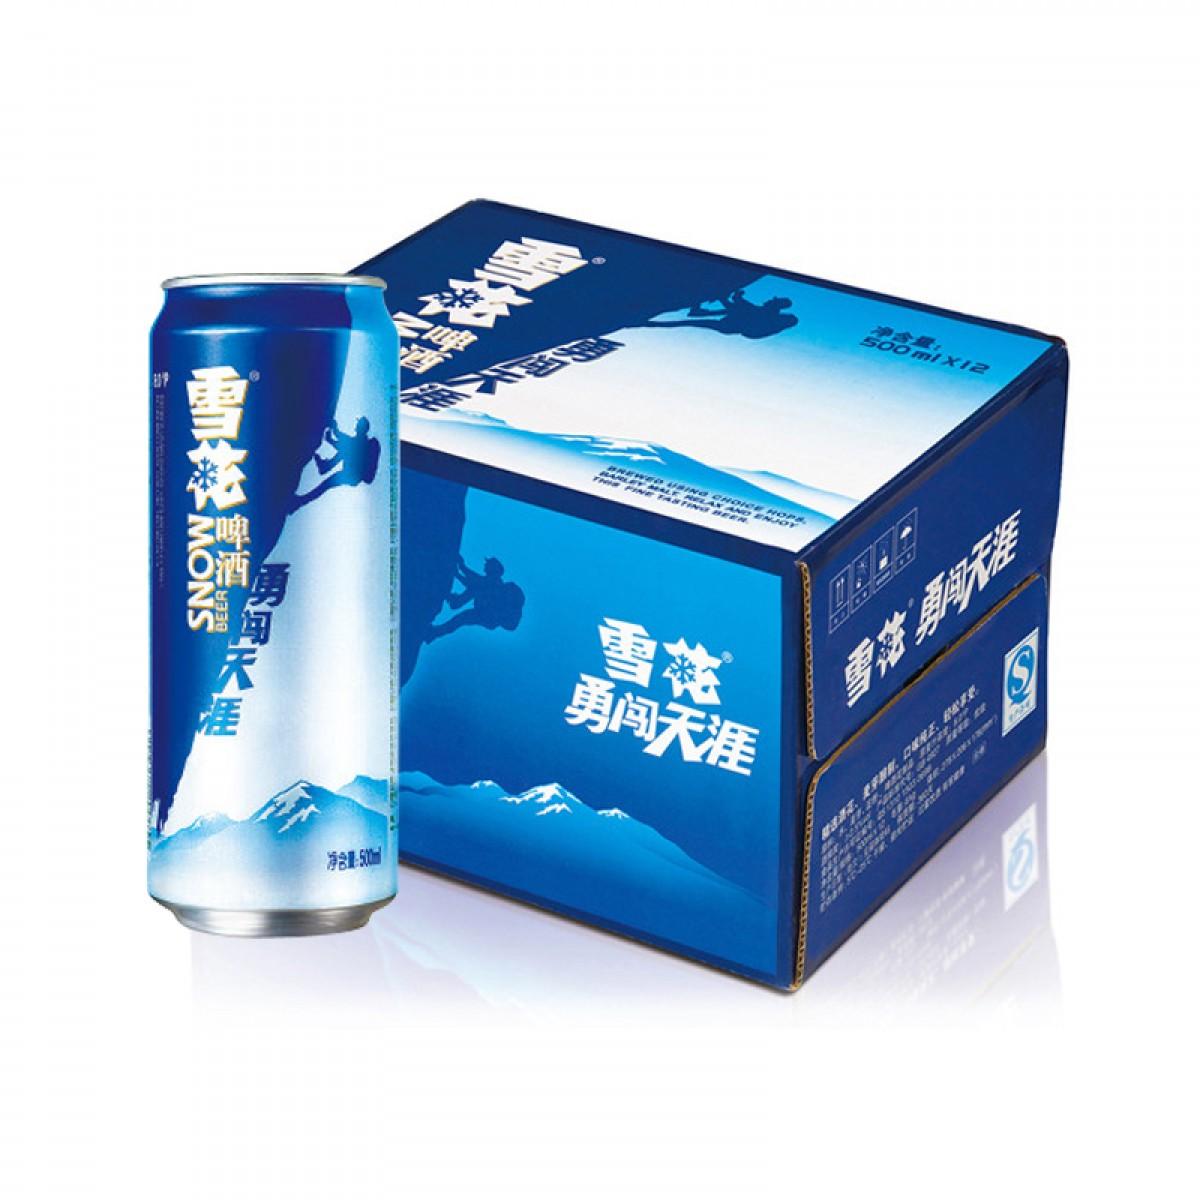 雪花啤酒(Snowbeer) 勇闯天涯 500mlX12听 整箱